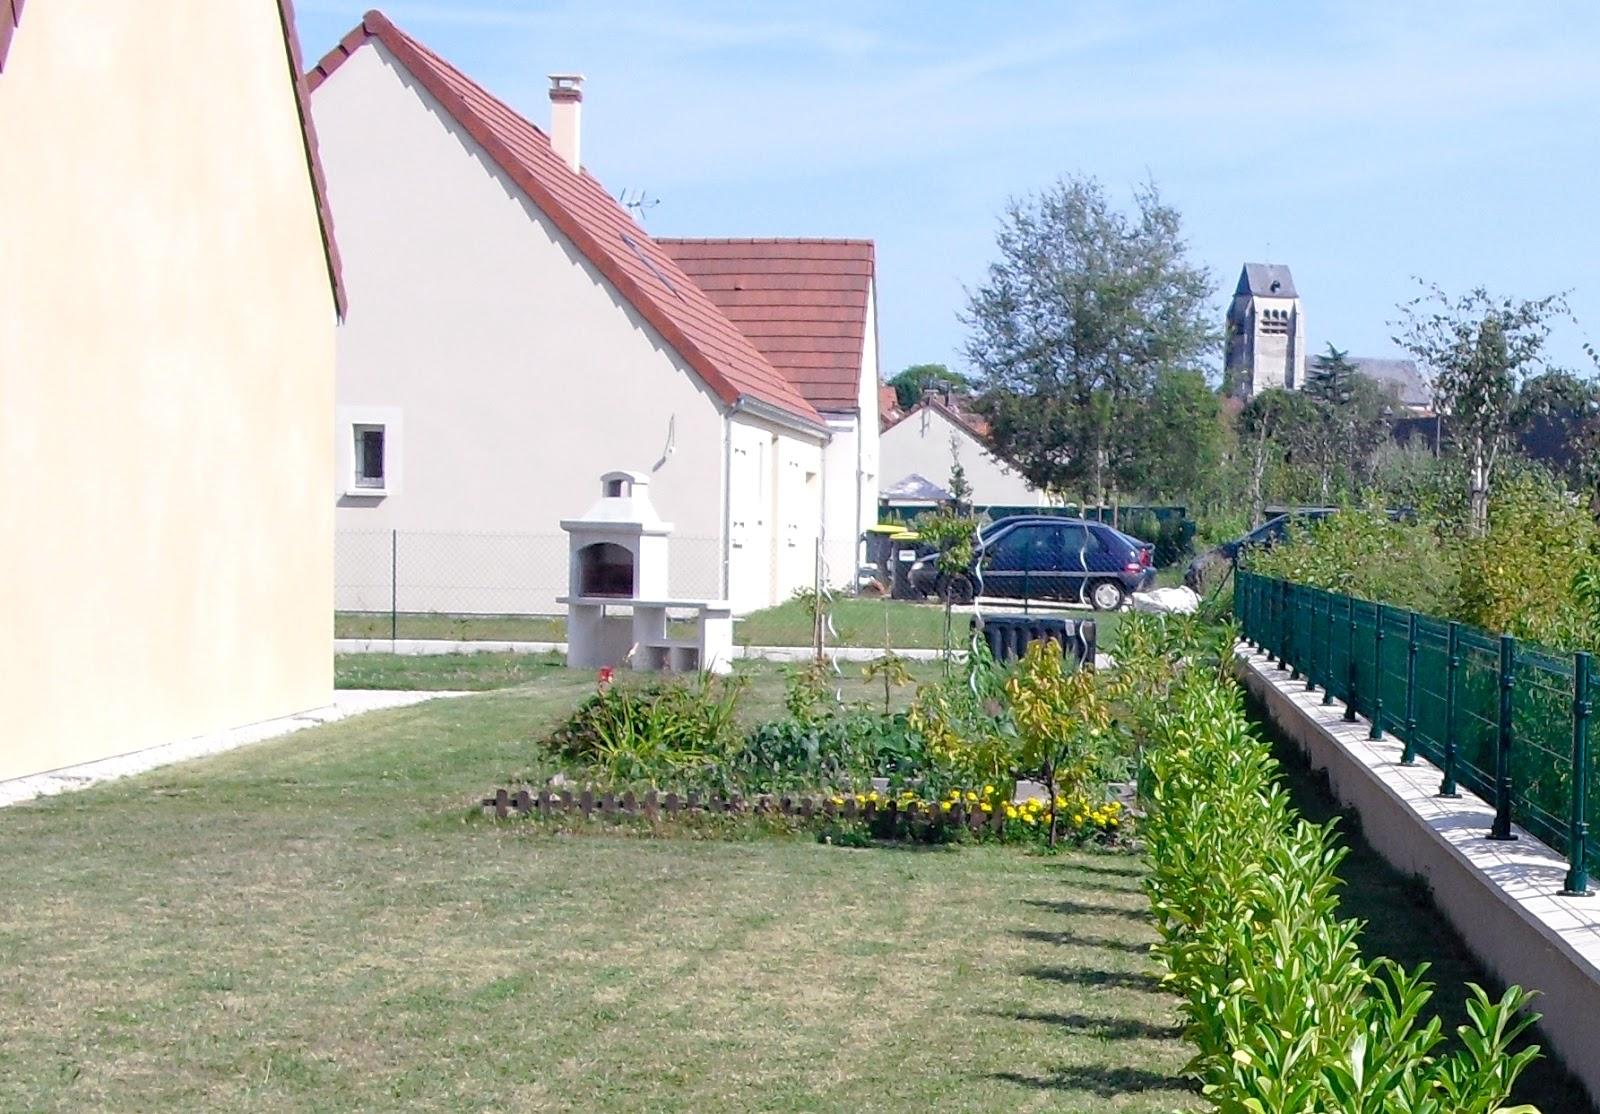 Mon petit jardin en sologne r cap projets printemps 2015 for Jardin printemps 2015